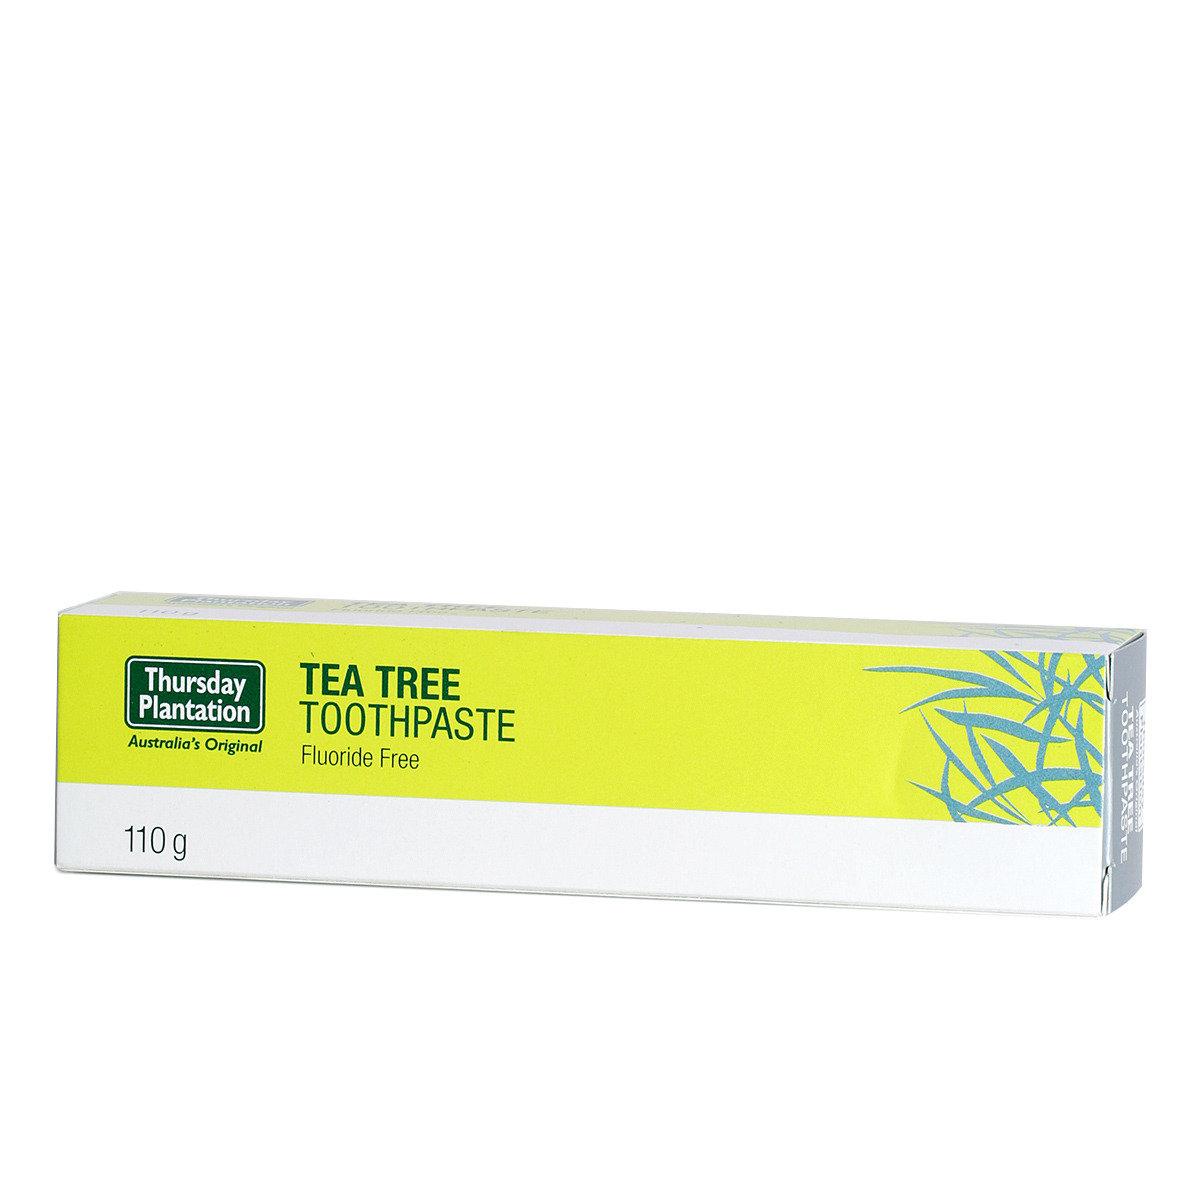 茶樹有機牙膏